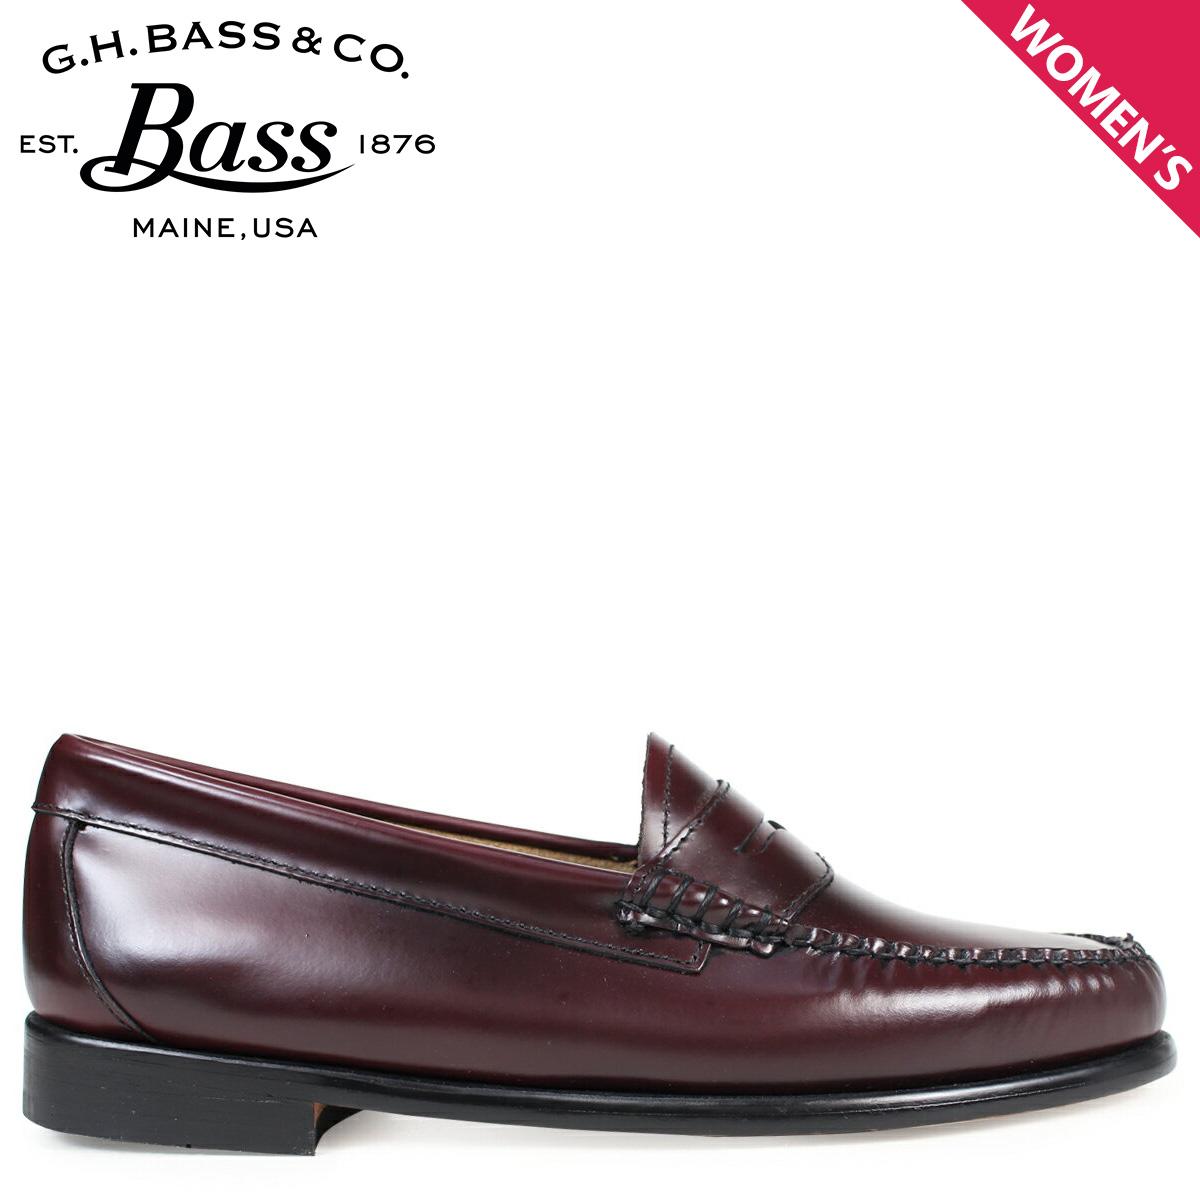 ジーエイチバス ローファー G.H. BASS レディース WHITNEY LOAFER 71-10339 靴 バーガンディー [9/13 追加入荷]